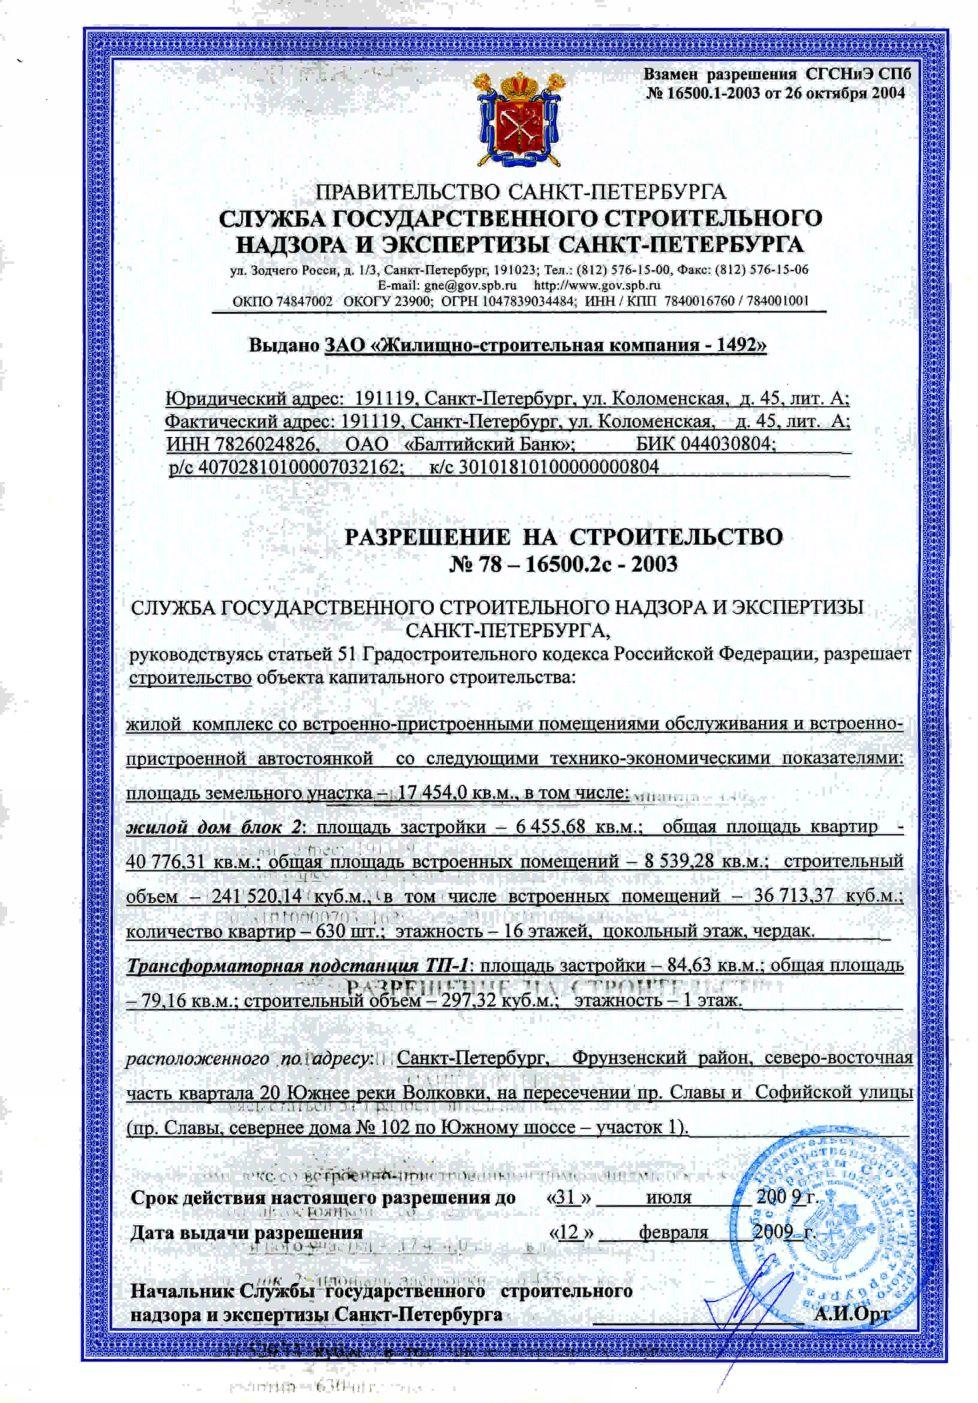 определения суммы список разрешений на строительство в санкт-петербурге или продать